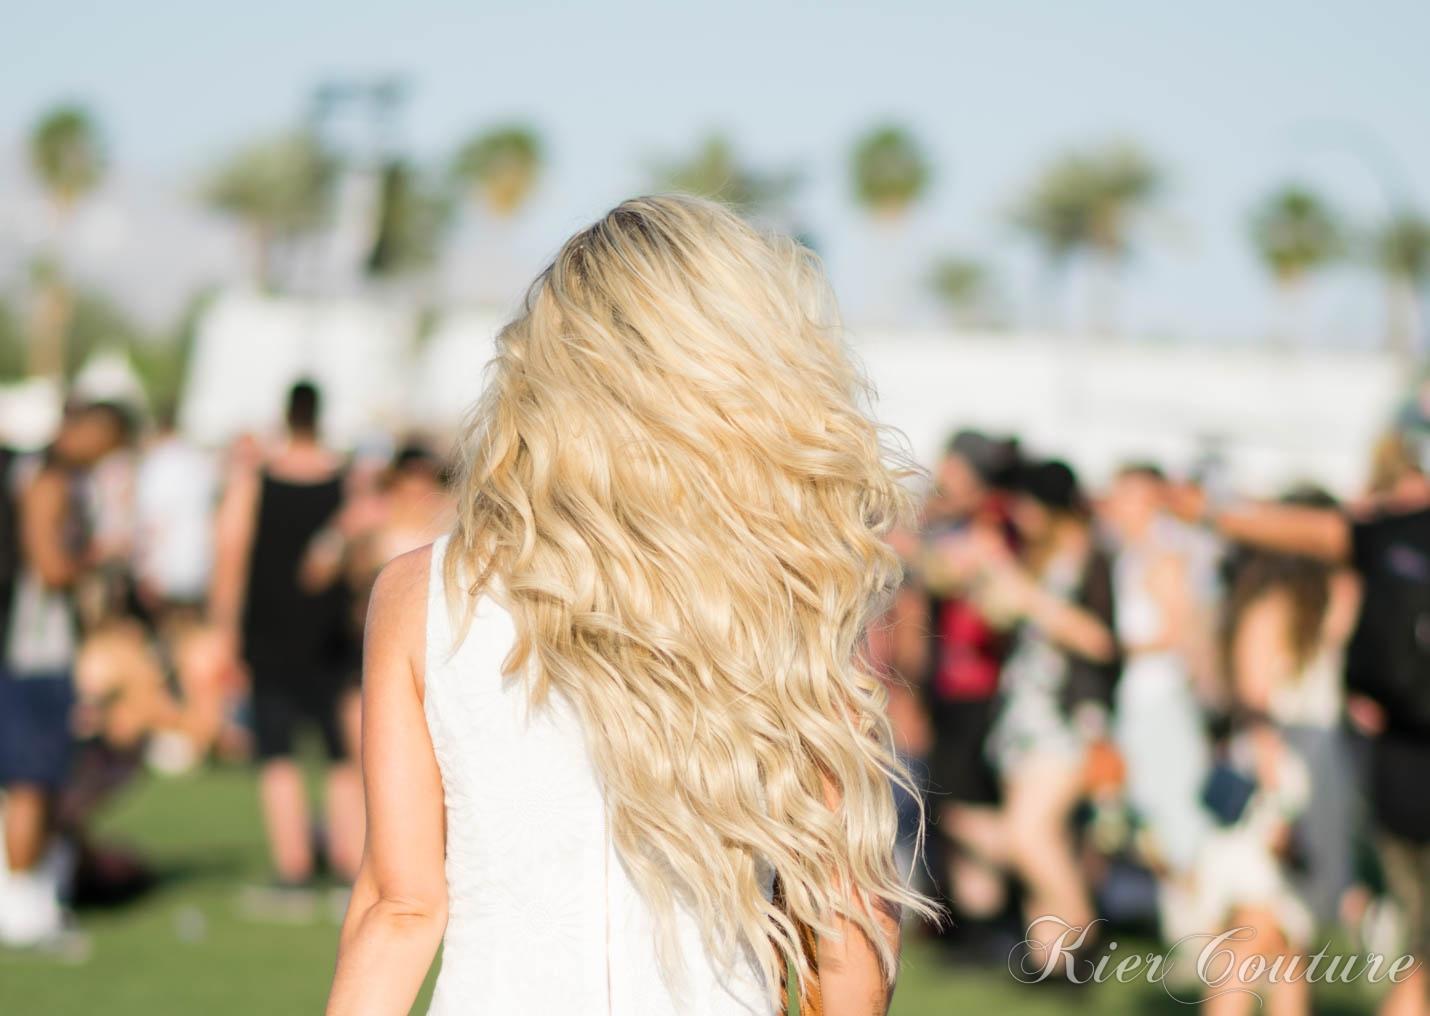 Coachella-2-5